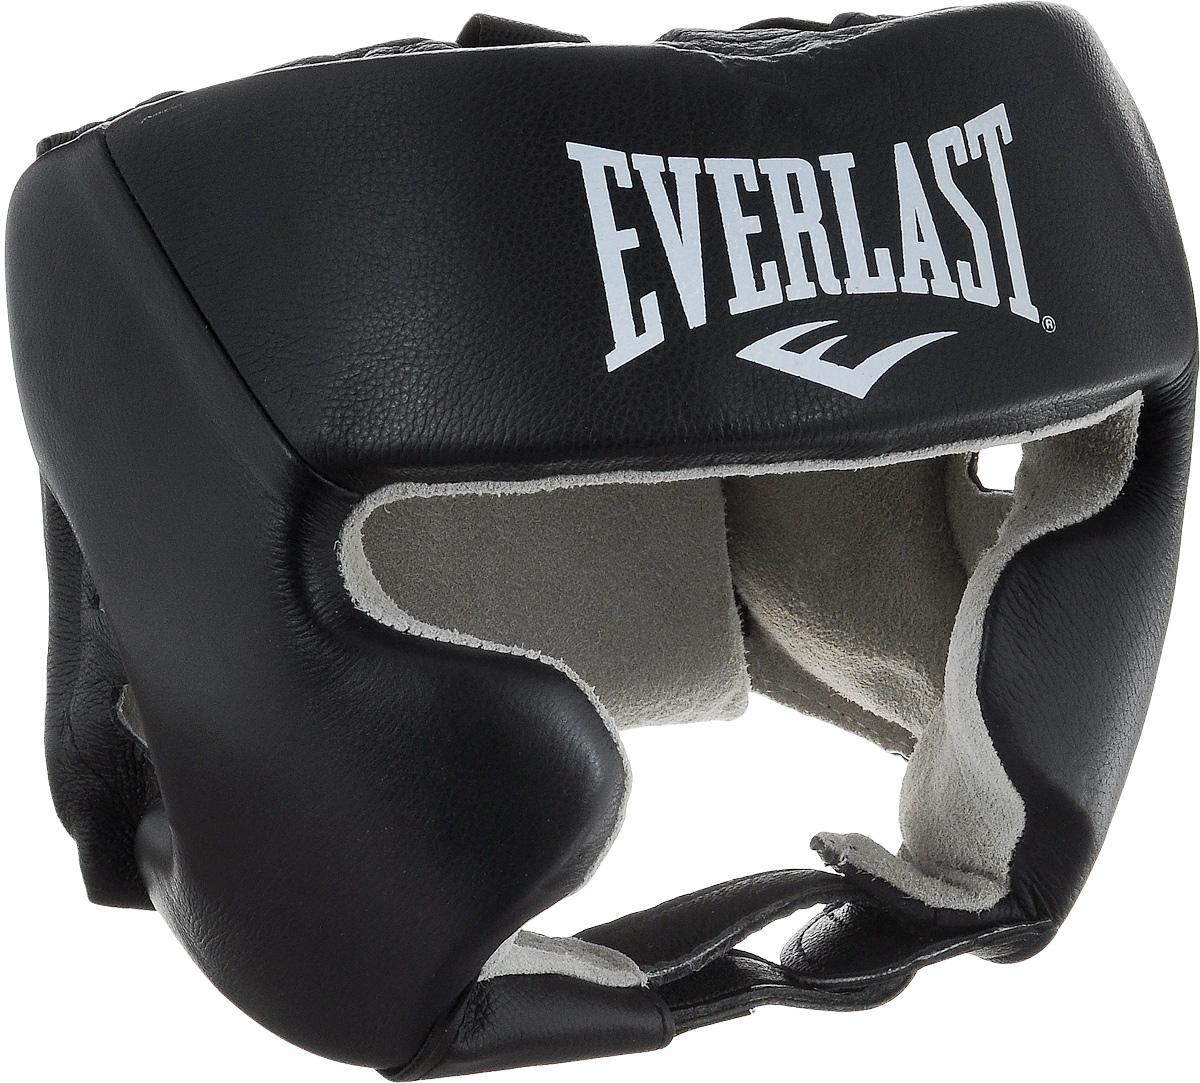 Шлем боксерский Everlast USA Boxing Cheek, с защитой щек, цвет: черный, белый. Размер L цена